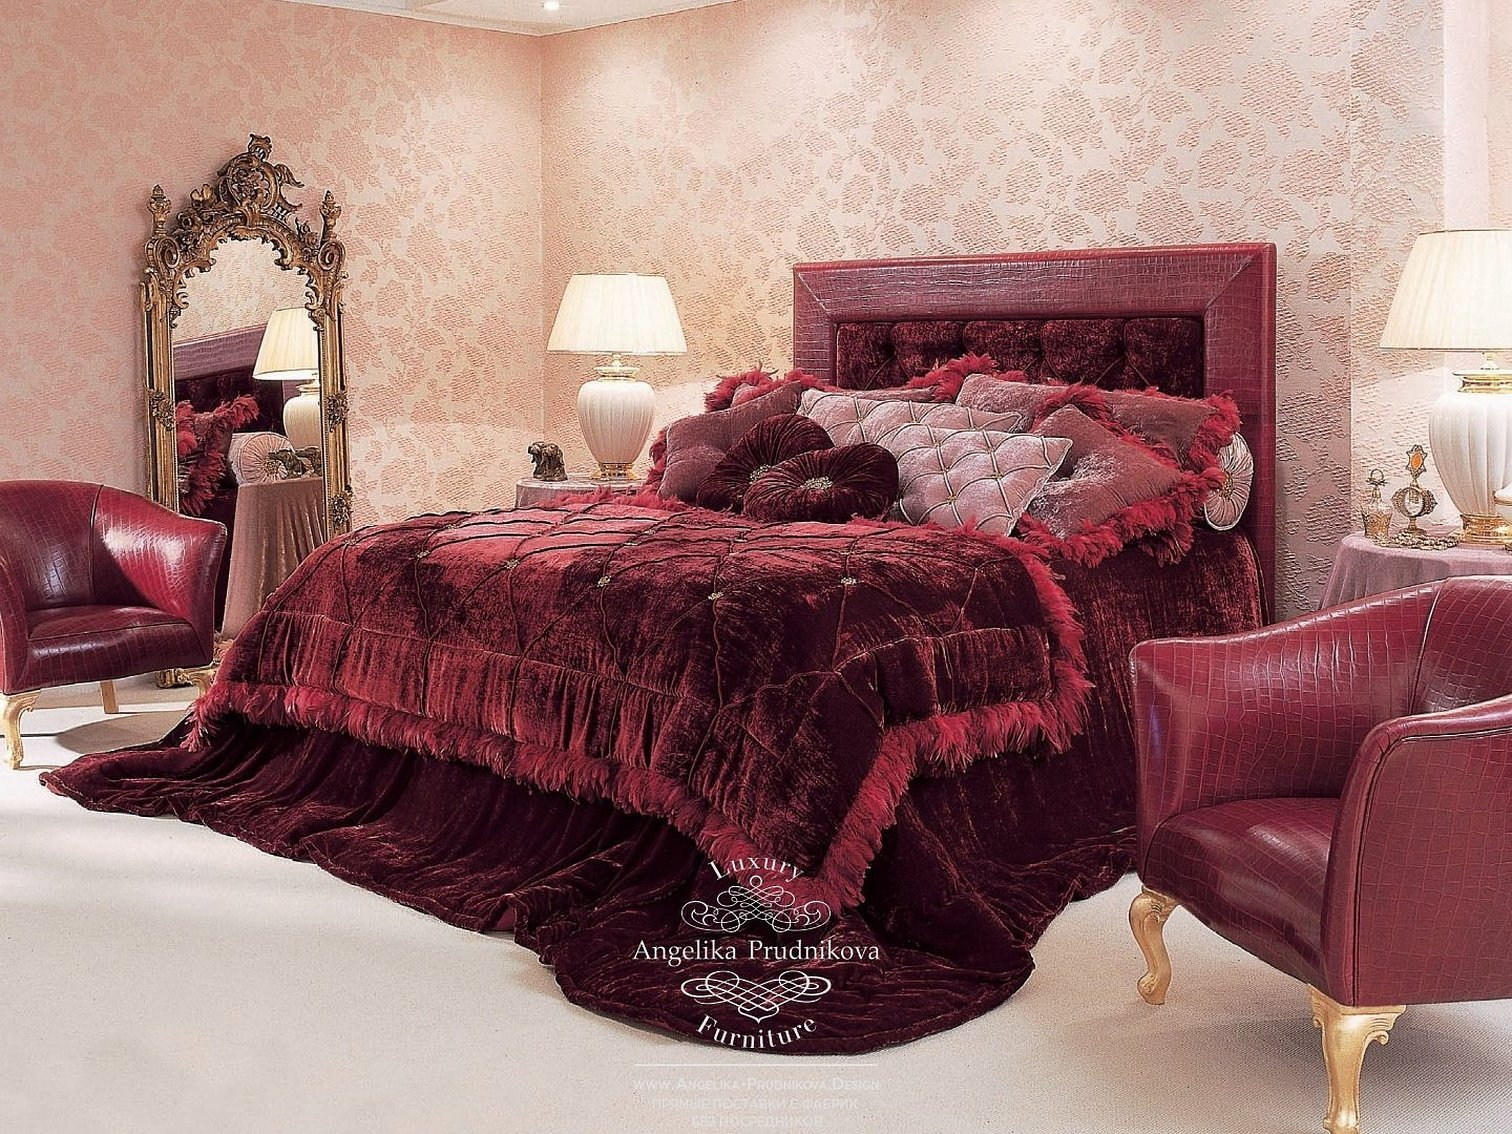 Интерьер итальянской спальни в бордовом цвете